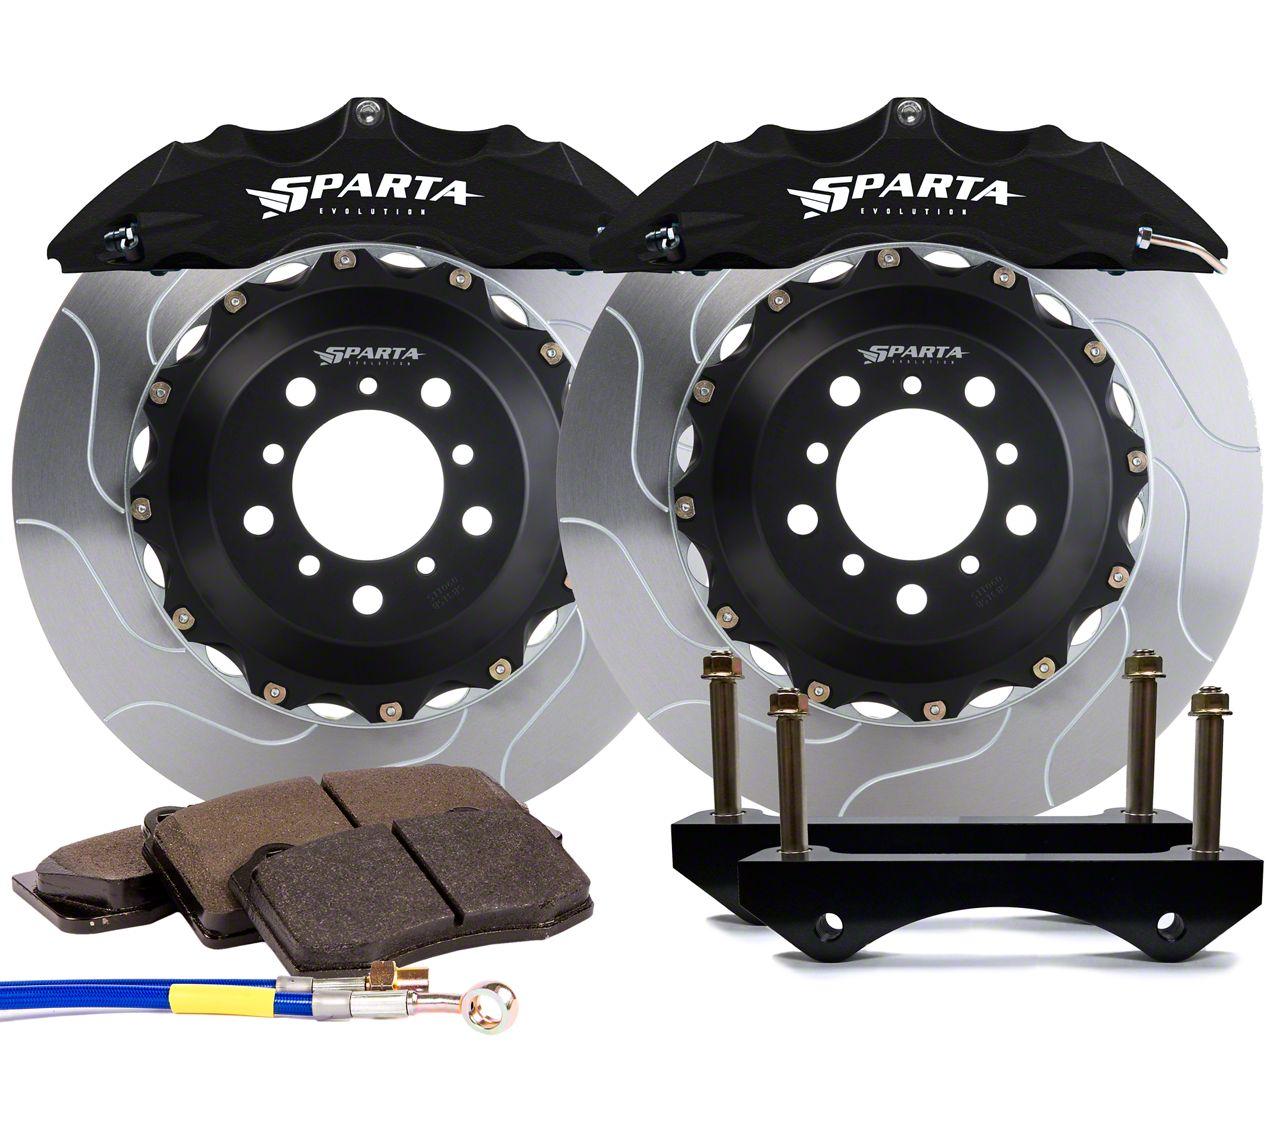 Sparta Evolution Satrun Front Big Brake Kit - Black (07-18 Jeep Wrangler JK)